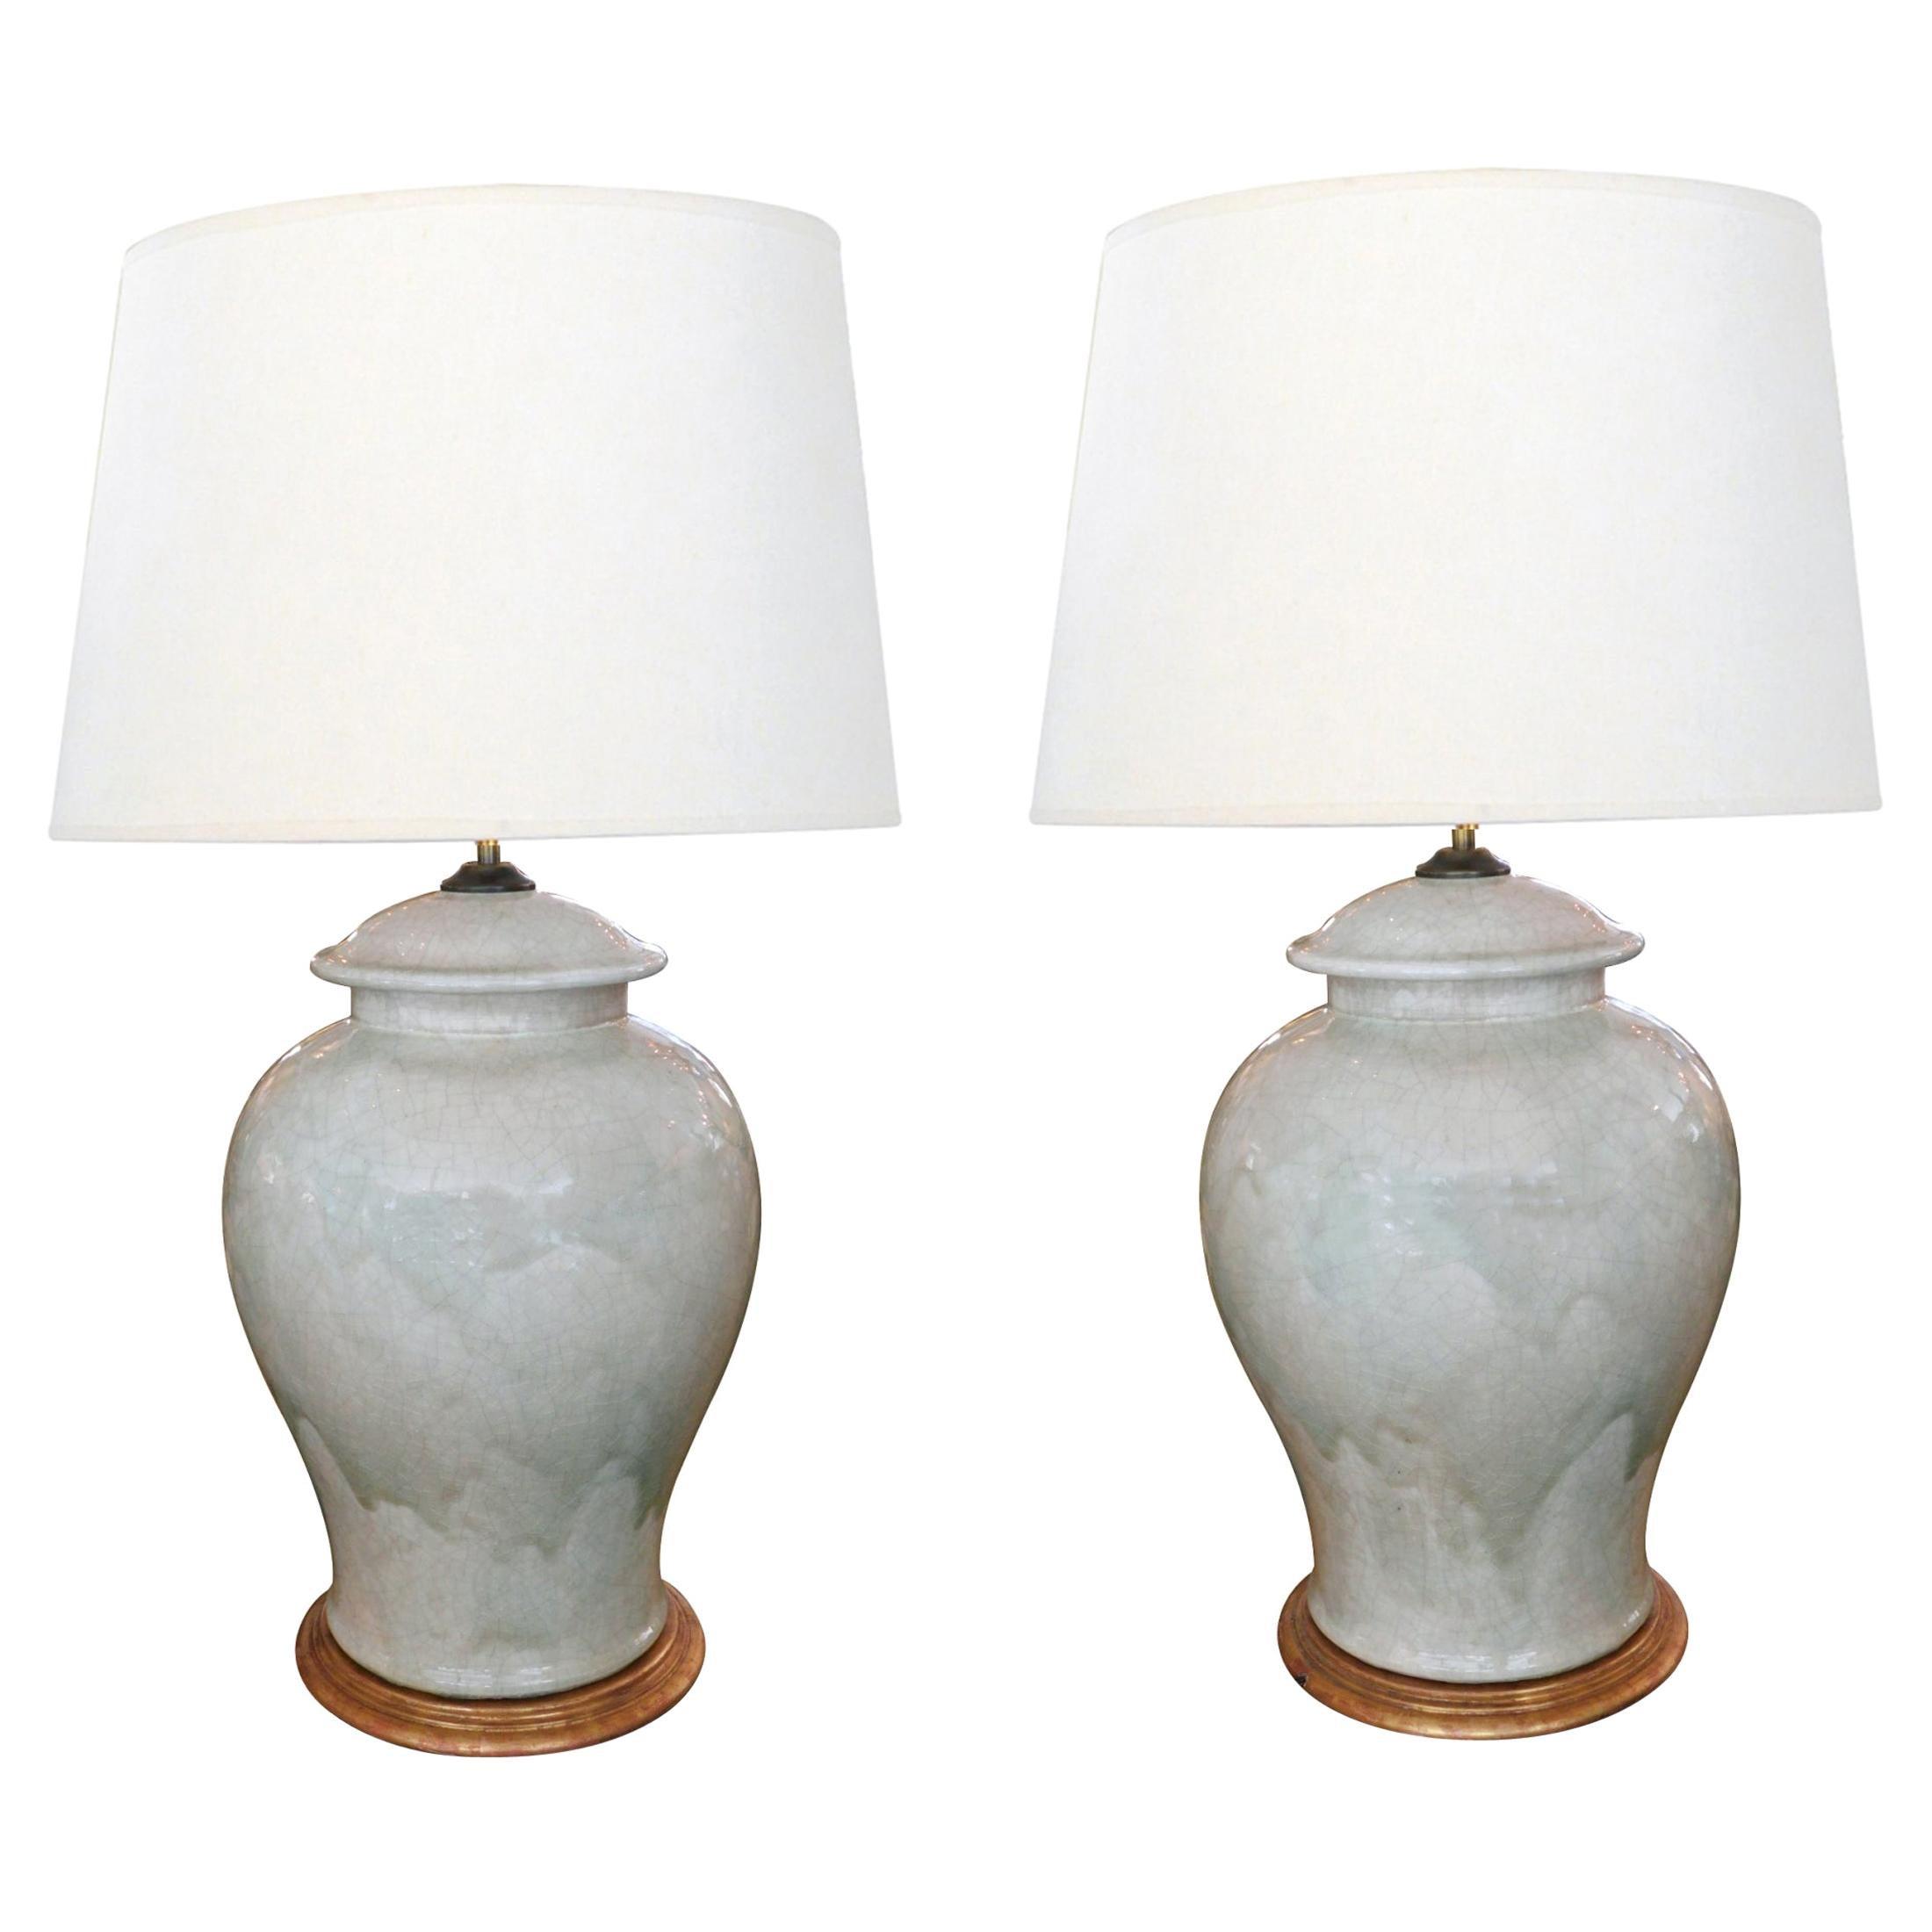 Stunningly Large Pair of 1960s Celadon Crackle-Glaze Ginger Jar Lamps